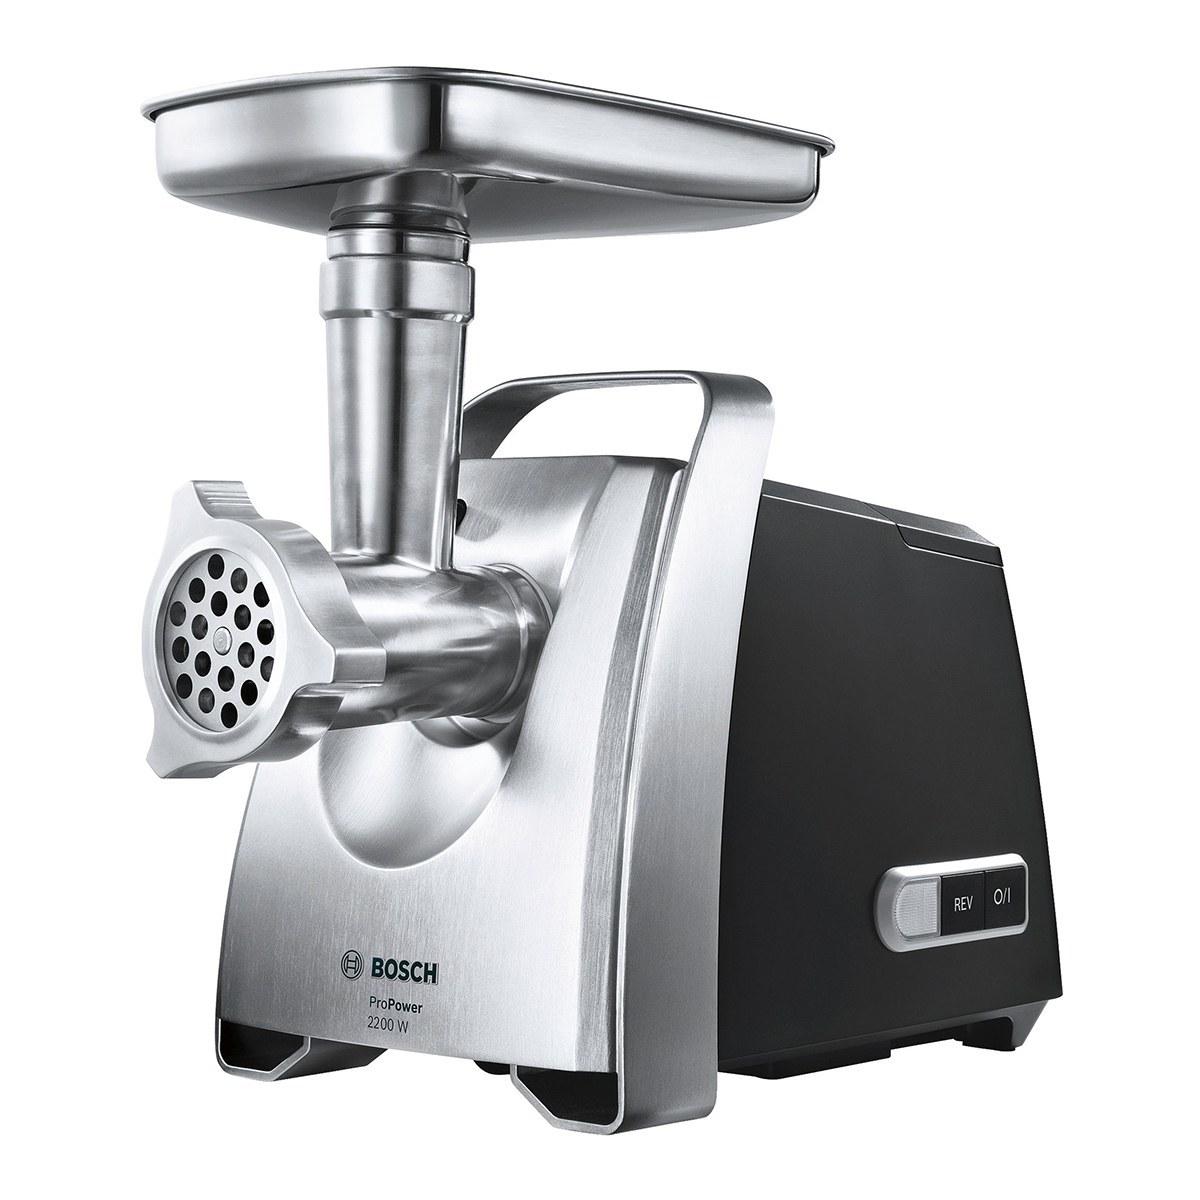 تصویر چرخ گوشت بوش 2200 وات MFW68640 Bosch Meat Grinder MFW68640 Bosch Meat Grinder 2200w